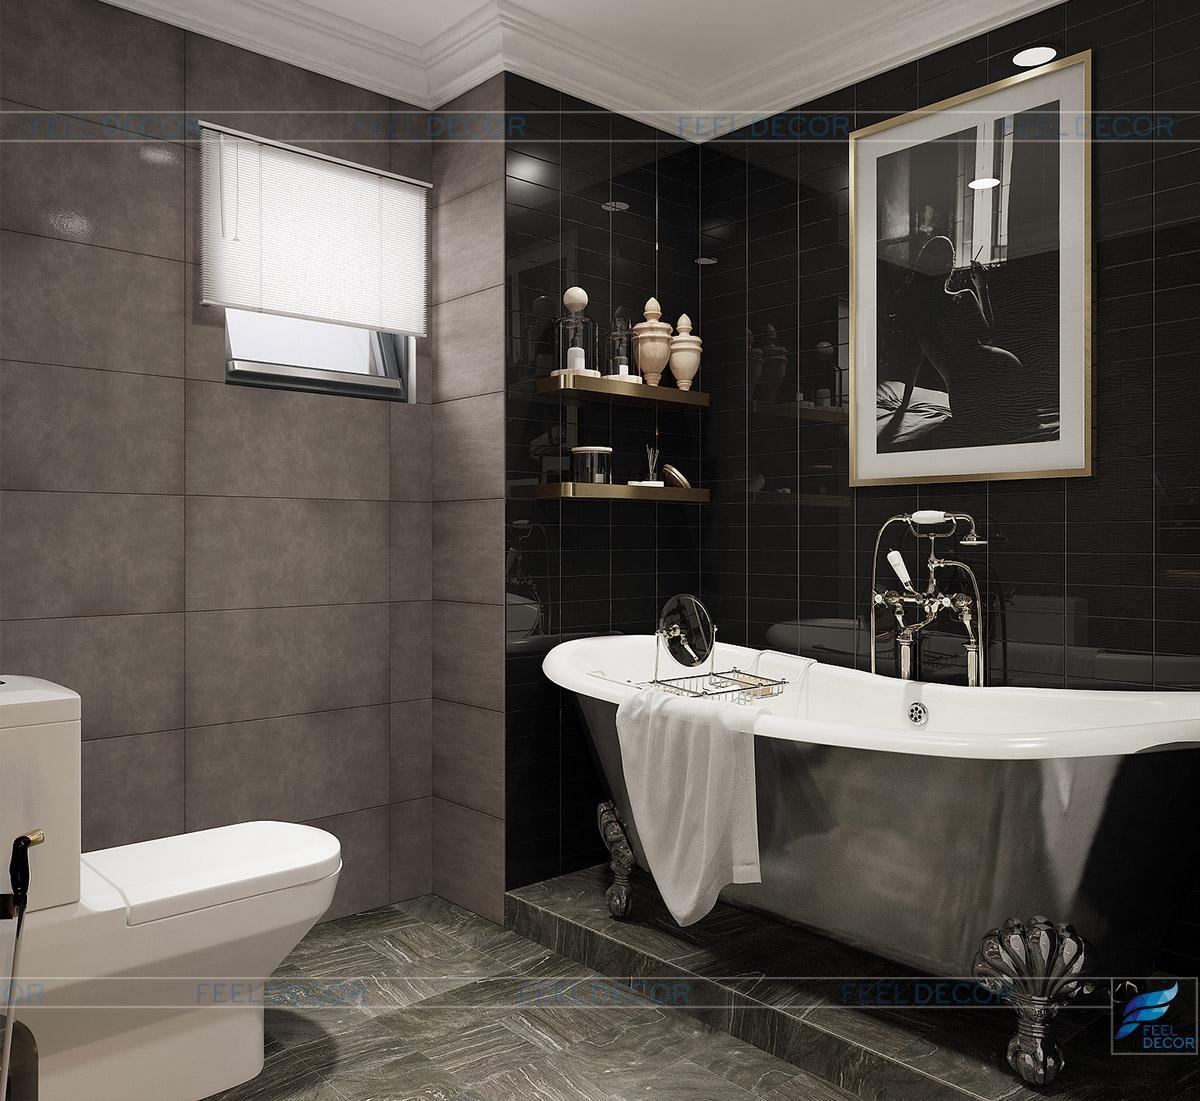 Bố trí bồn tắm lớn giúp gia chủ thư giãn thoải mái